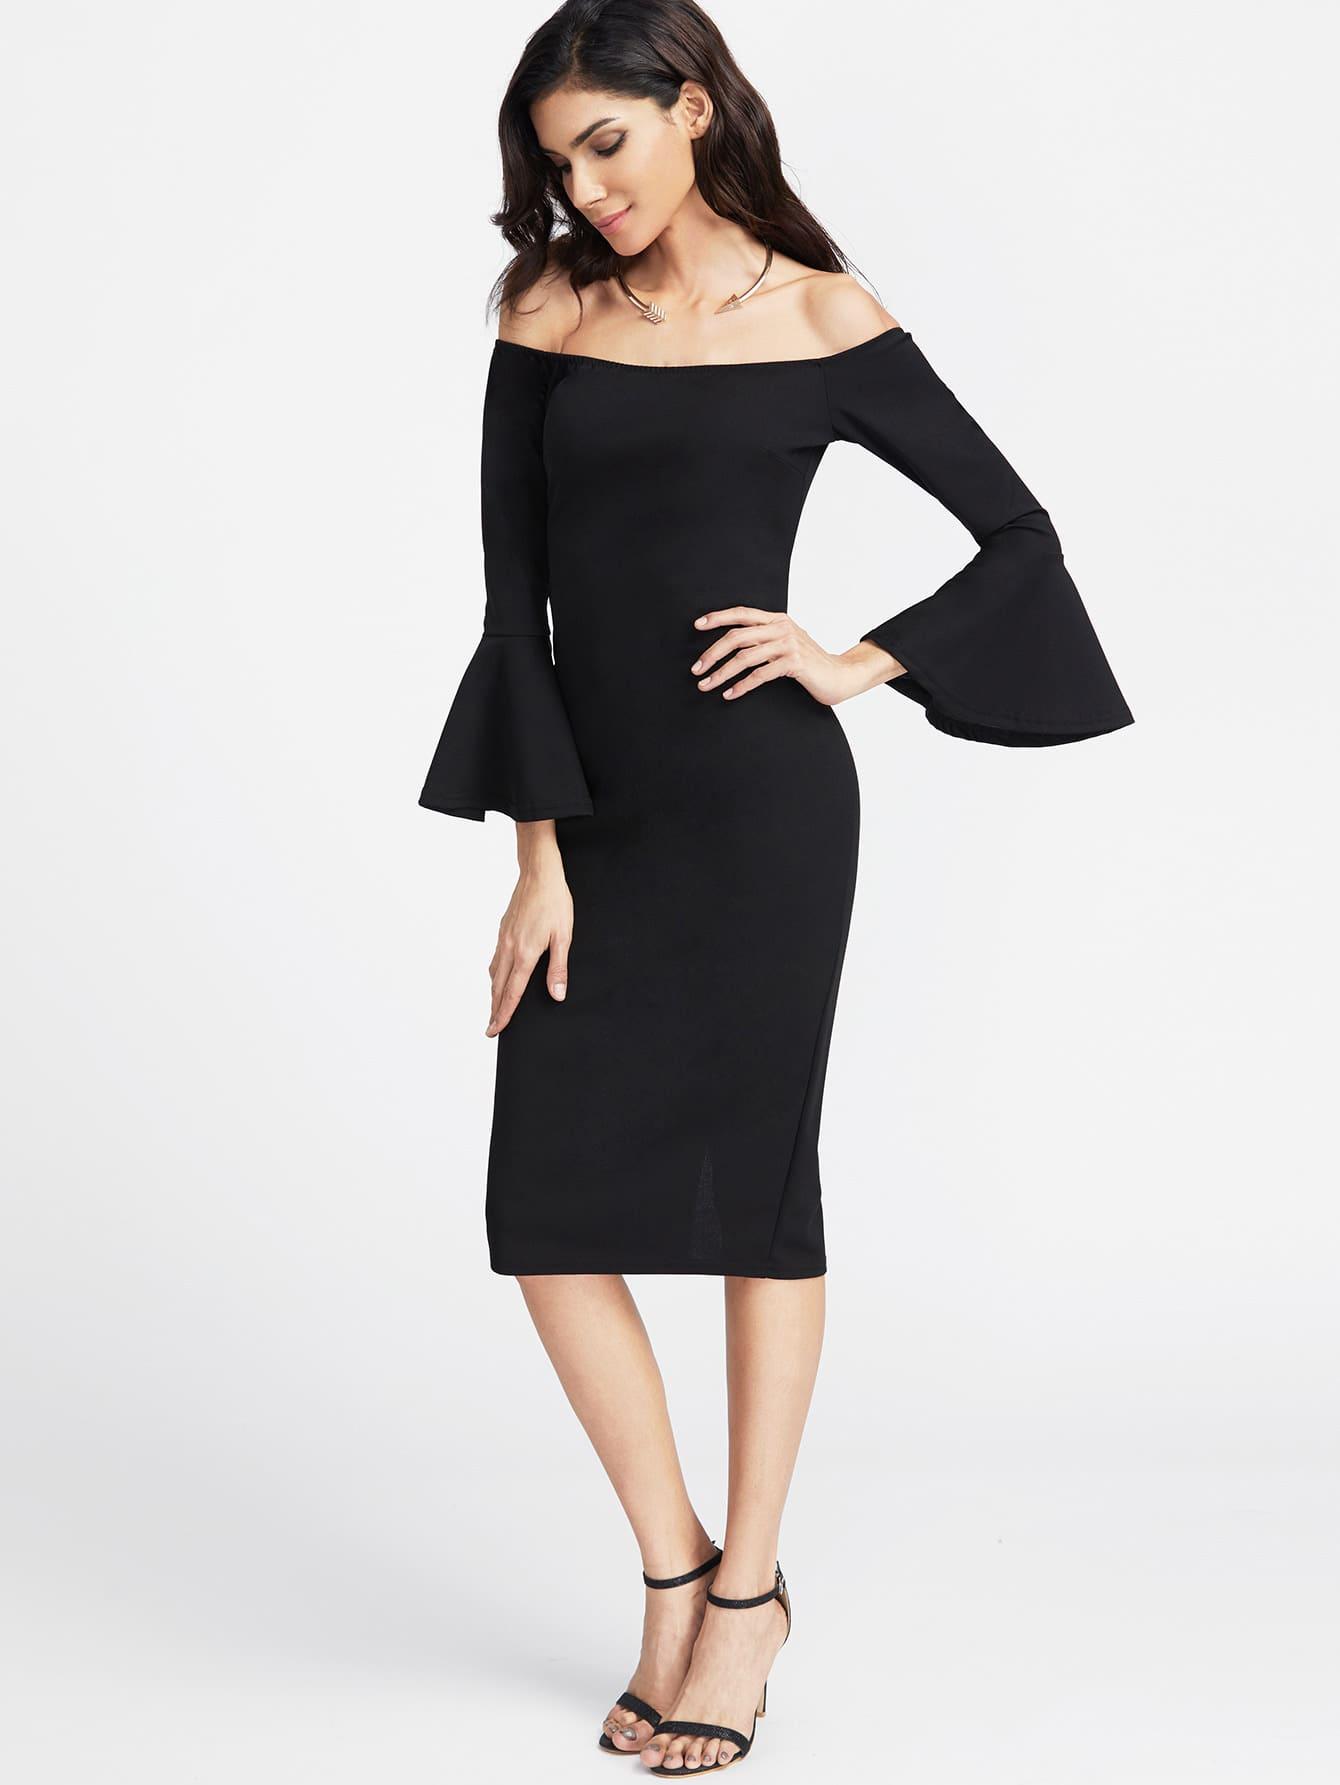 20f48c3d KOZ1.com   Shop for latest women's fashion dresses, tops, bottoms.